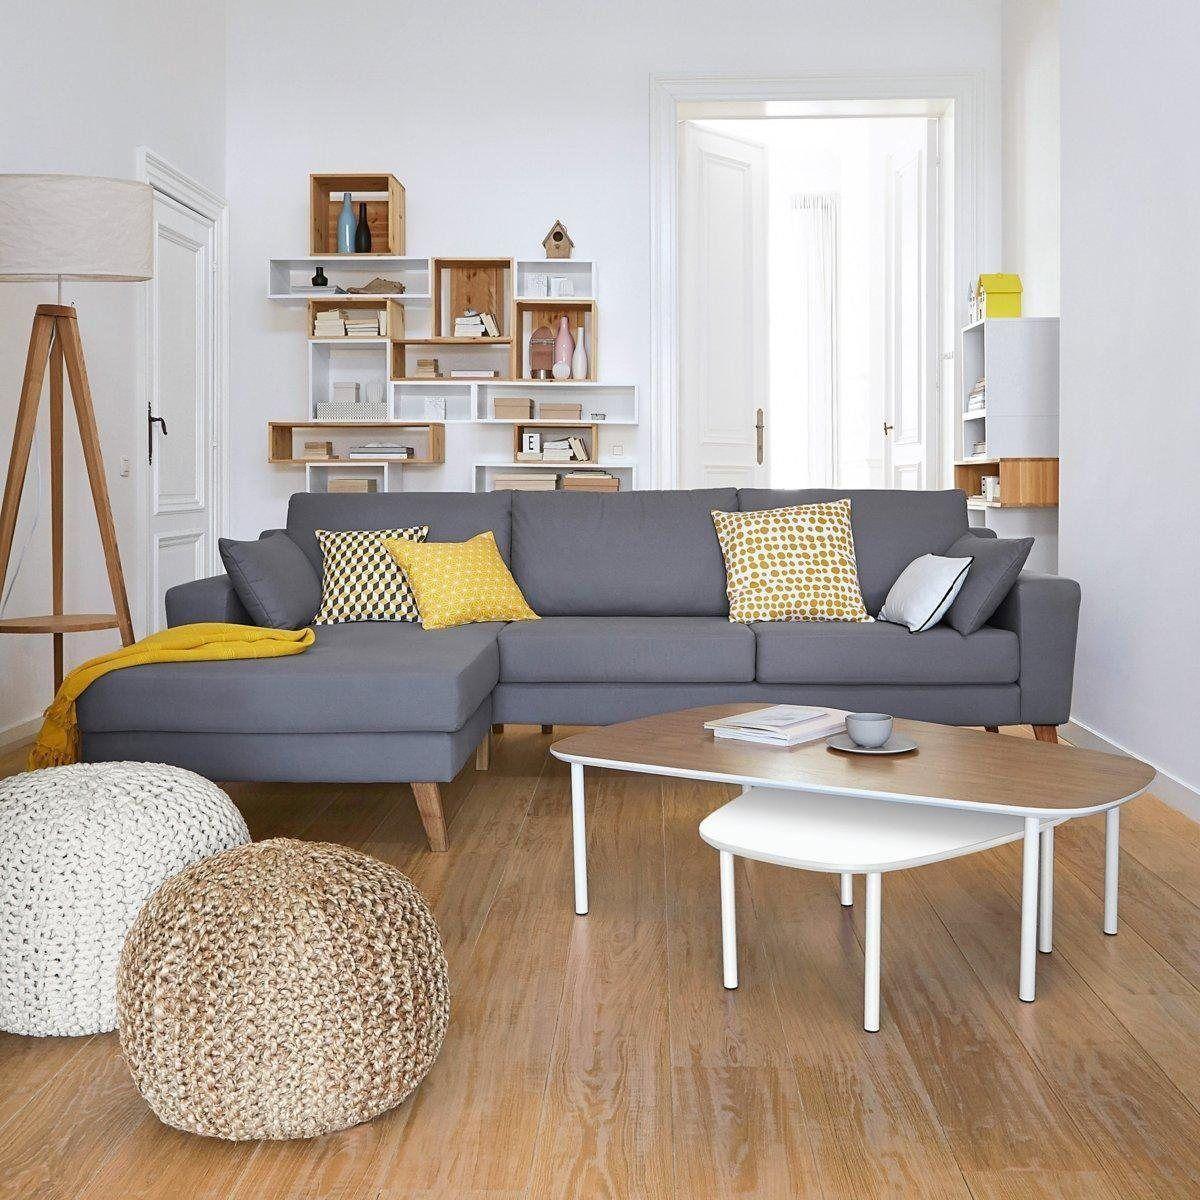 Salon Scandinave Blanc Gris Jaune Bois Parquet Textile Budget